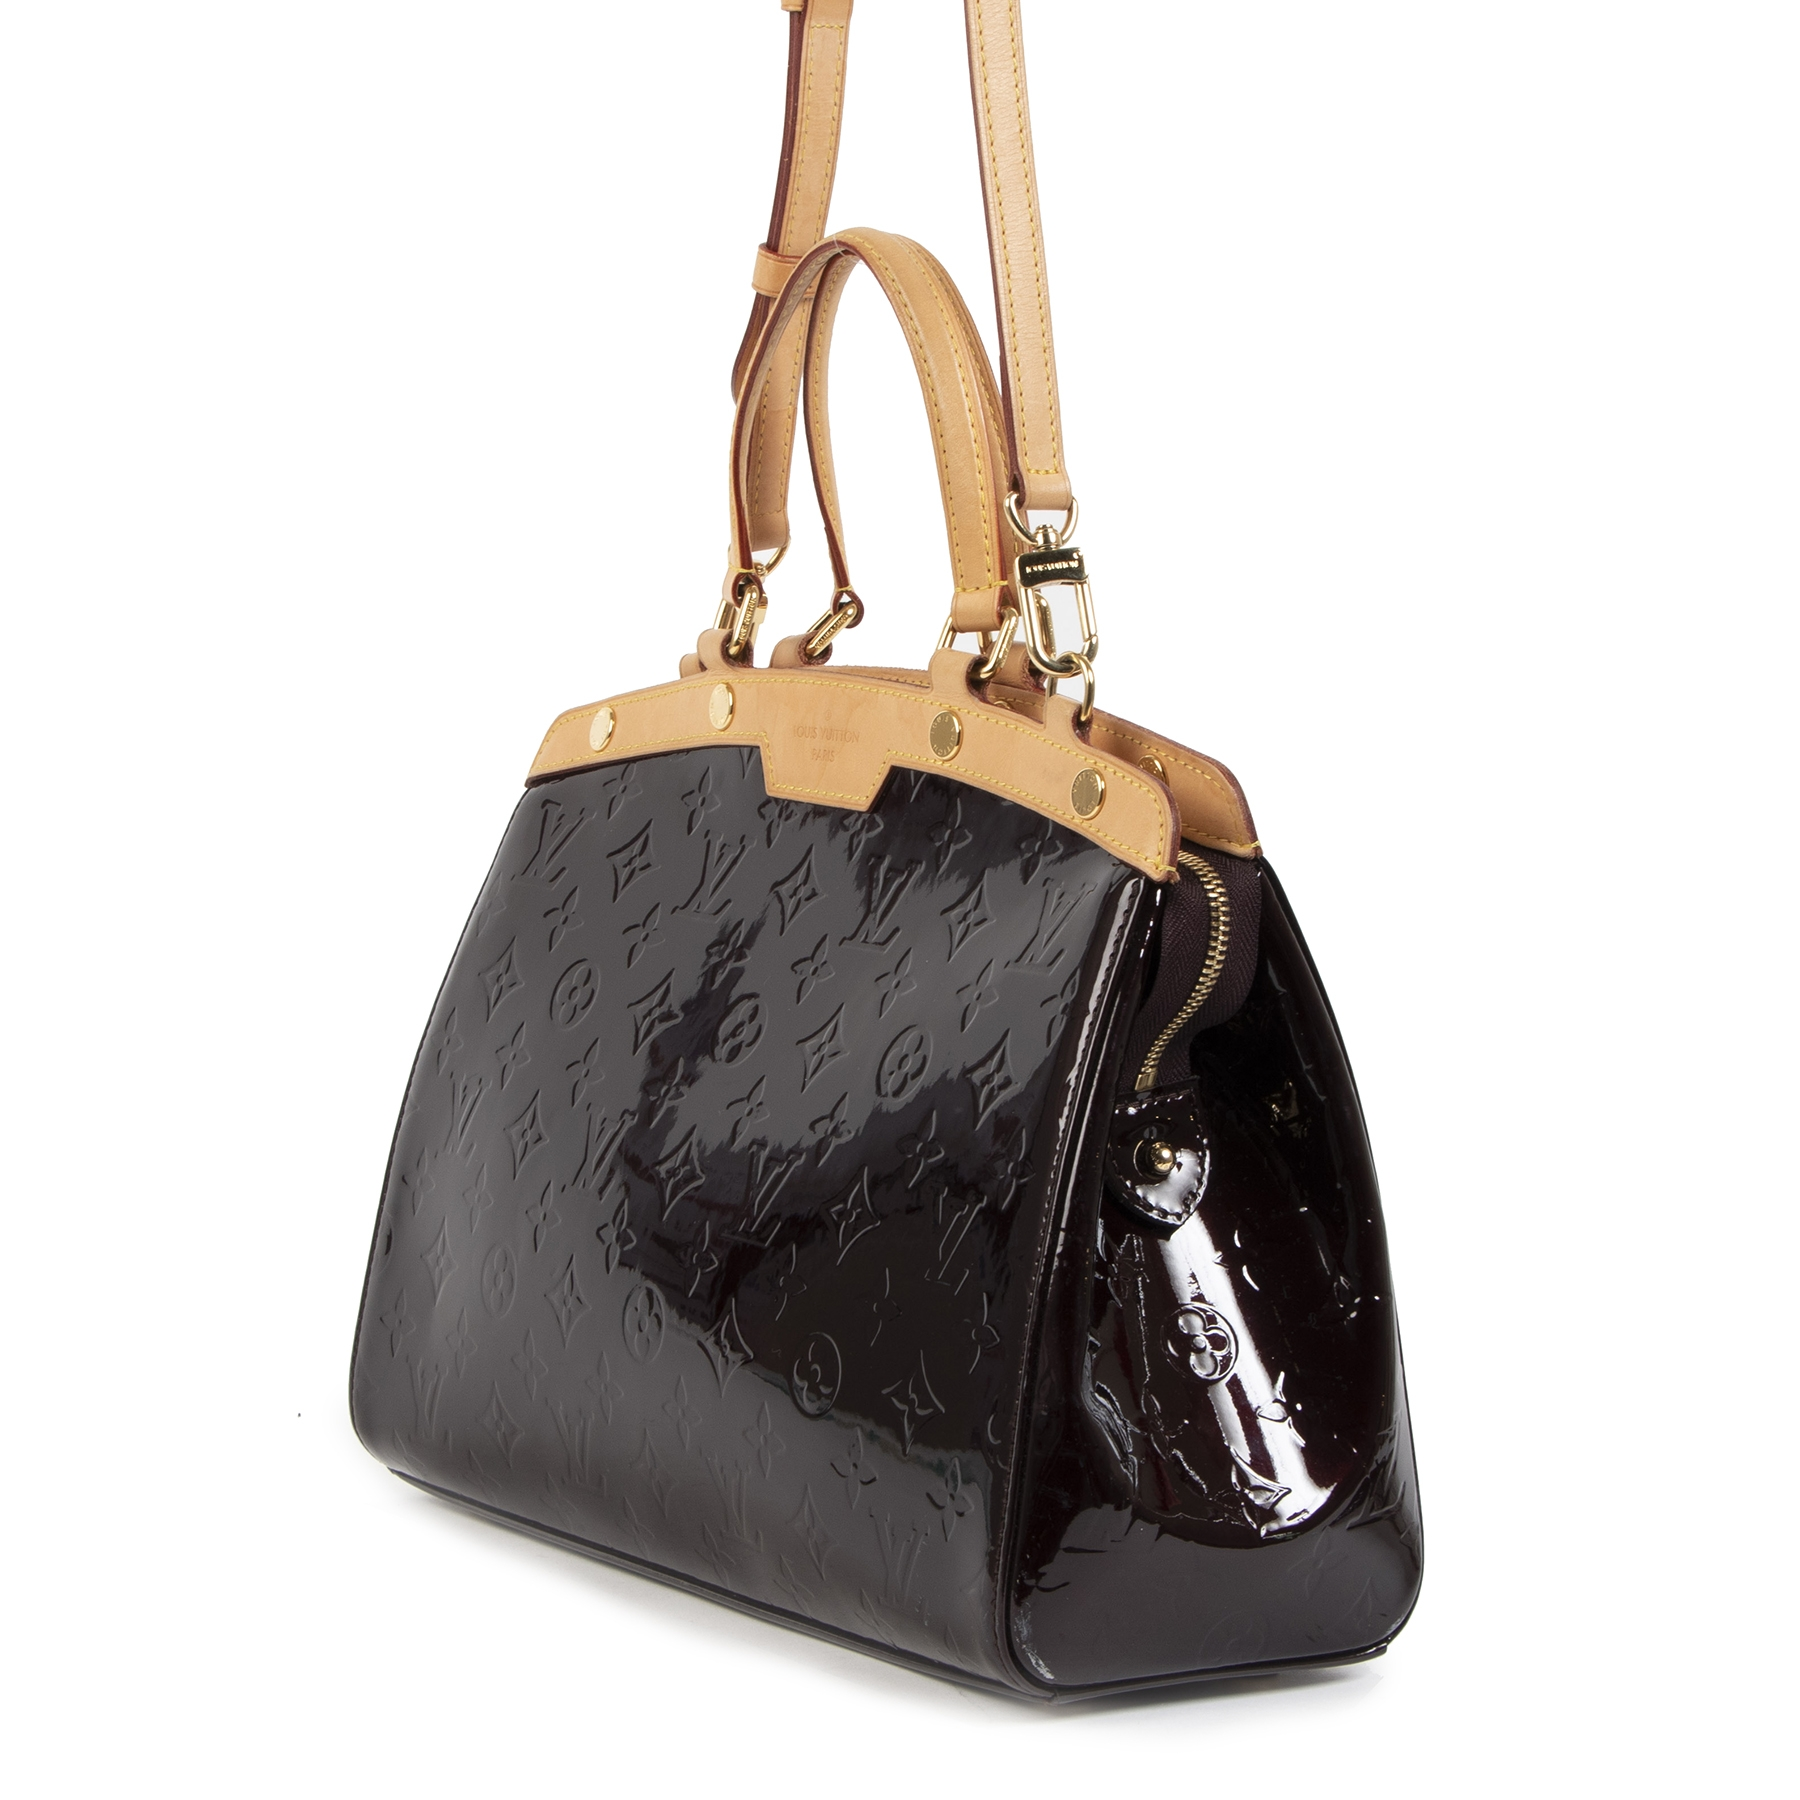 Authentieke Tweedehands Louis Vuitton Amarante Monogram Vernis Brea MM Tote Bag juiste prijs veilig online shoppen luxe merken webshop winkelen Antwerpen België mode fashion